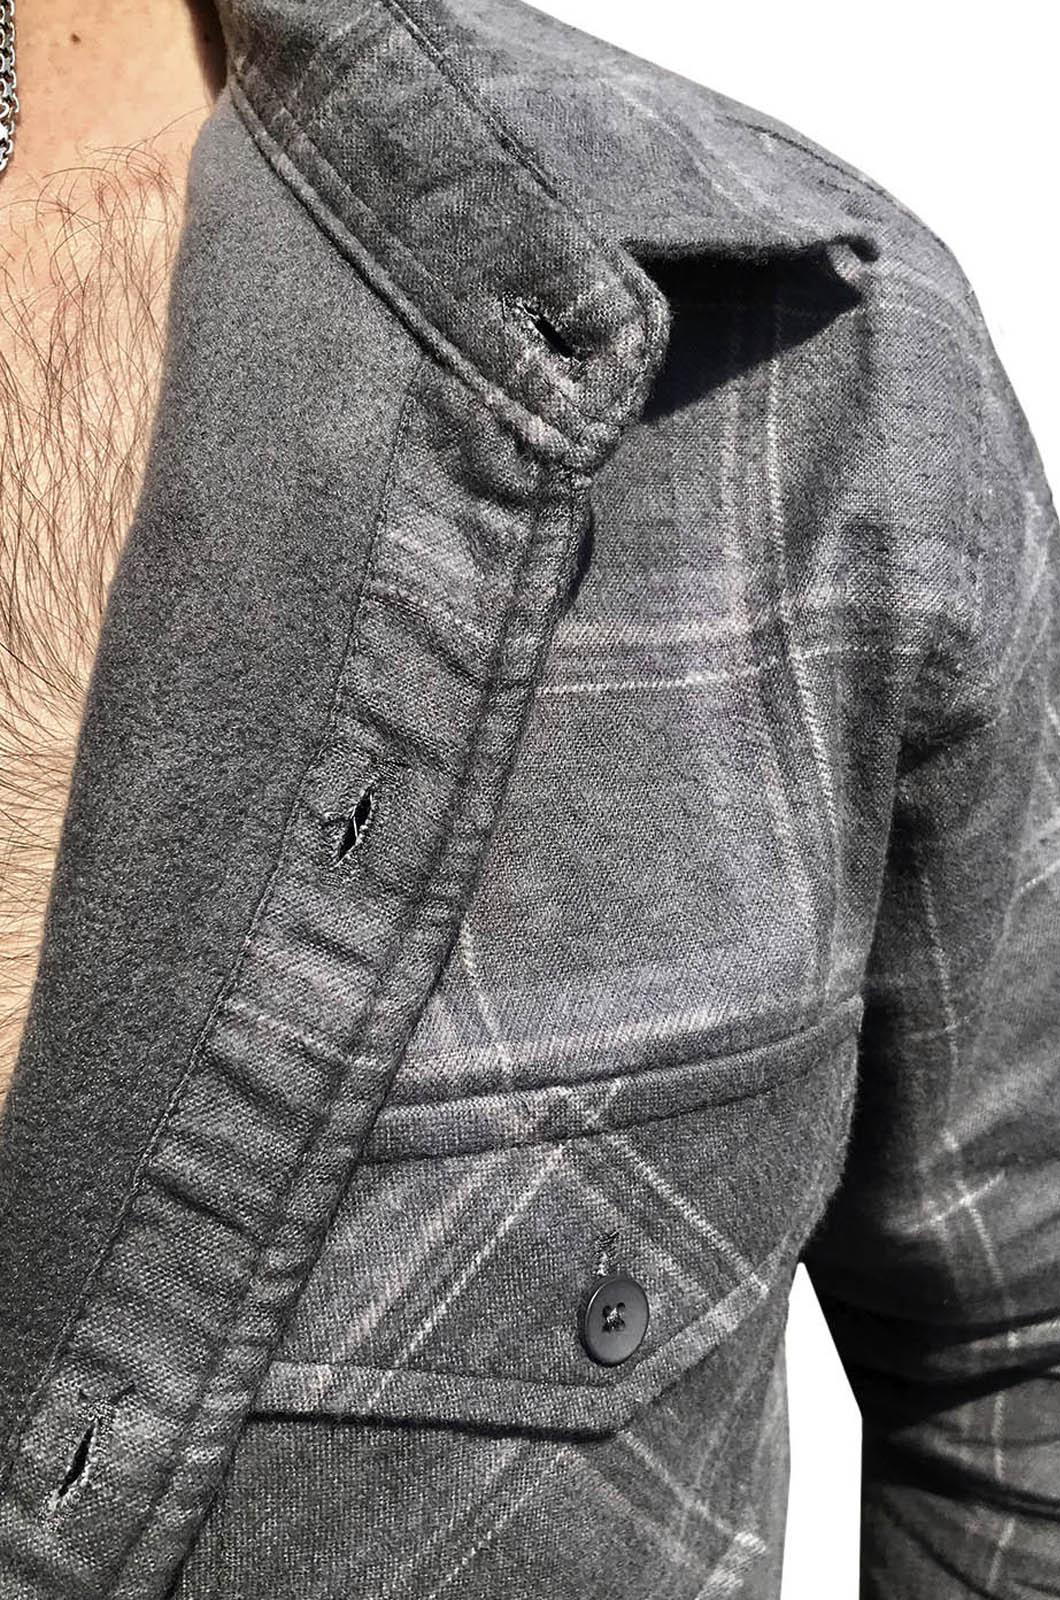 Лучшая рубашка с вышитым шевроном МЧС - купить в подарок